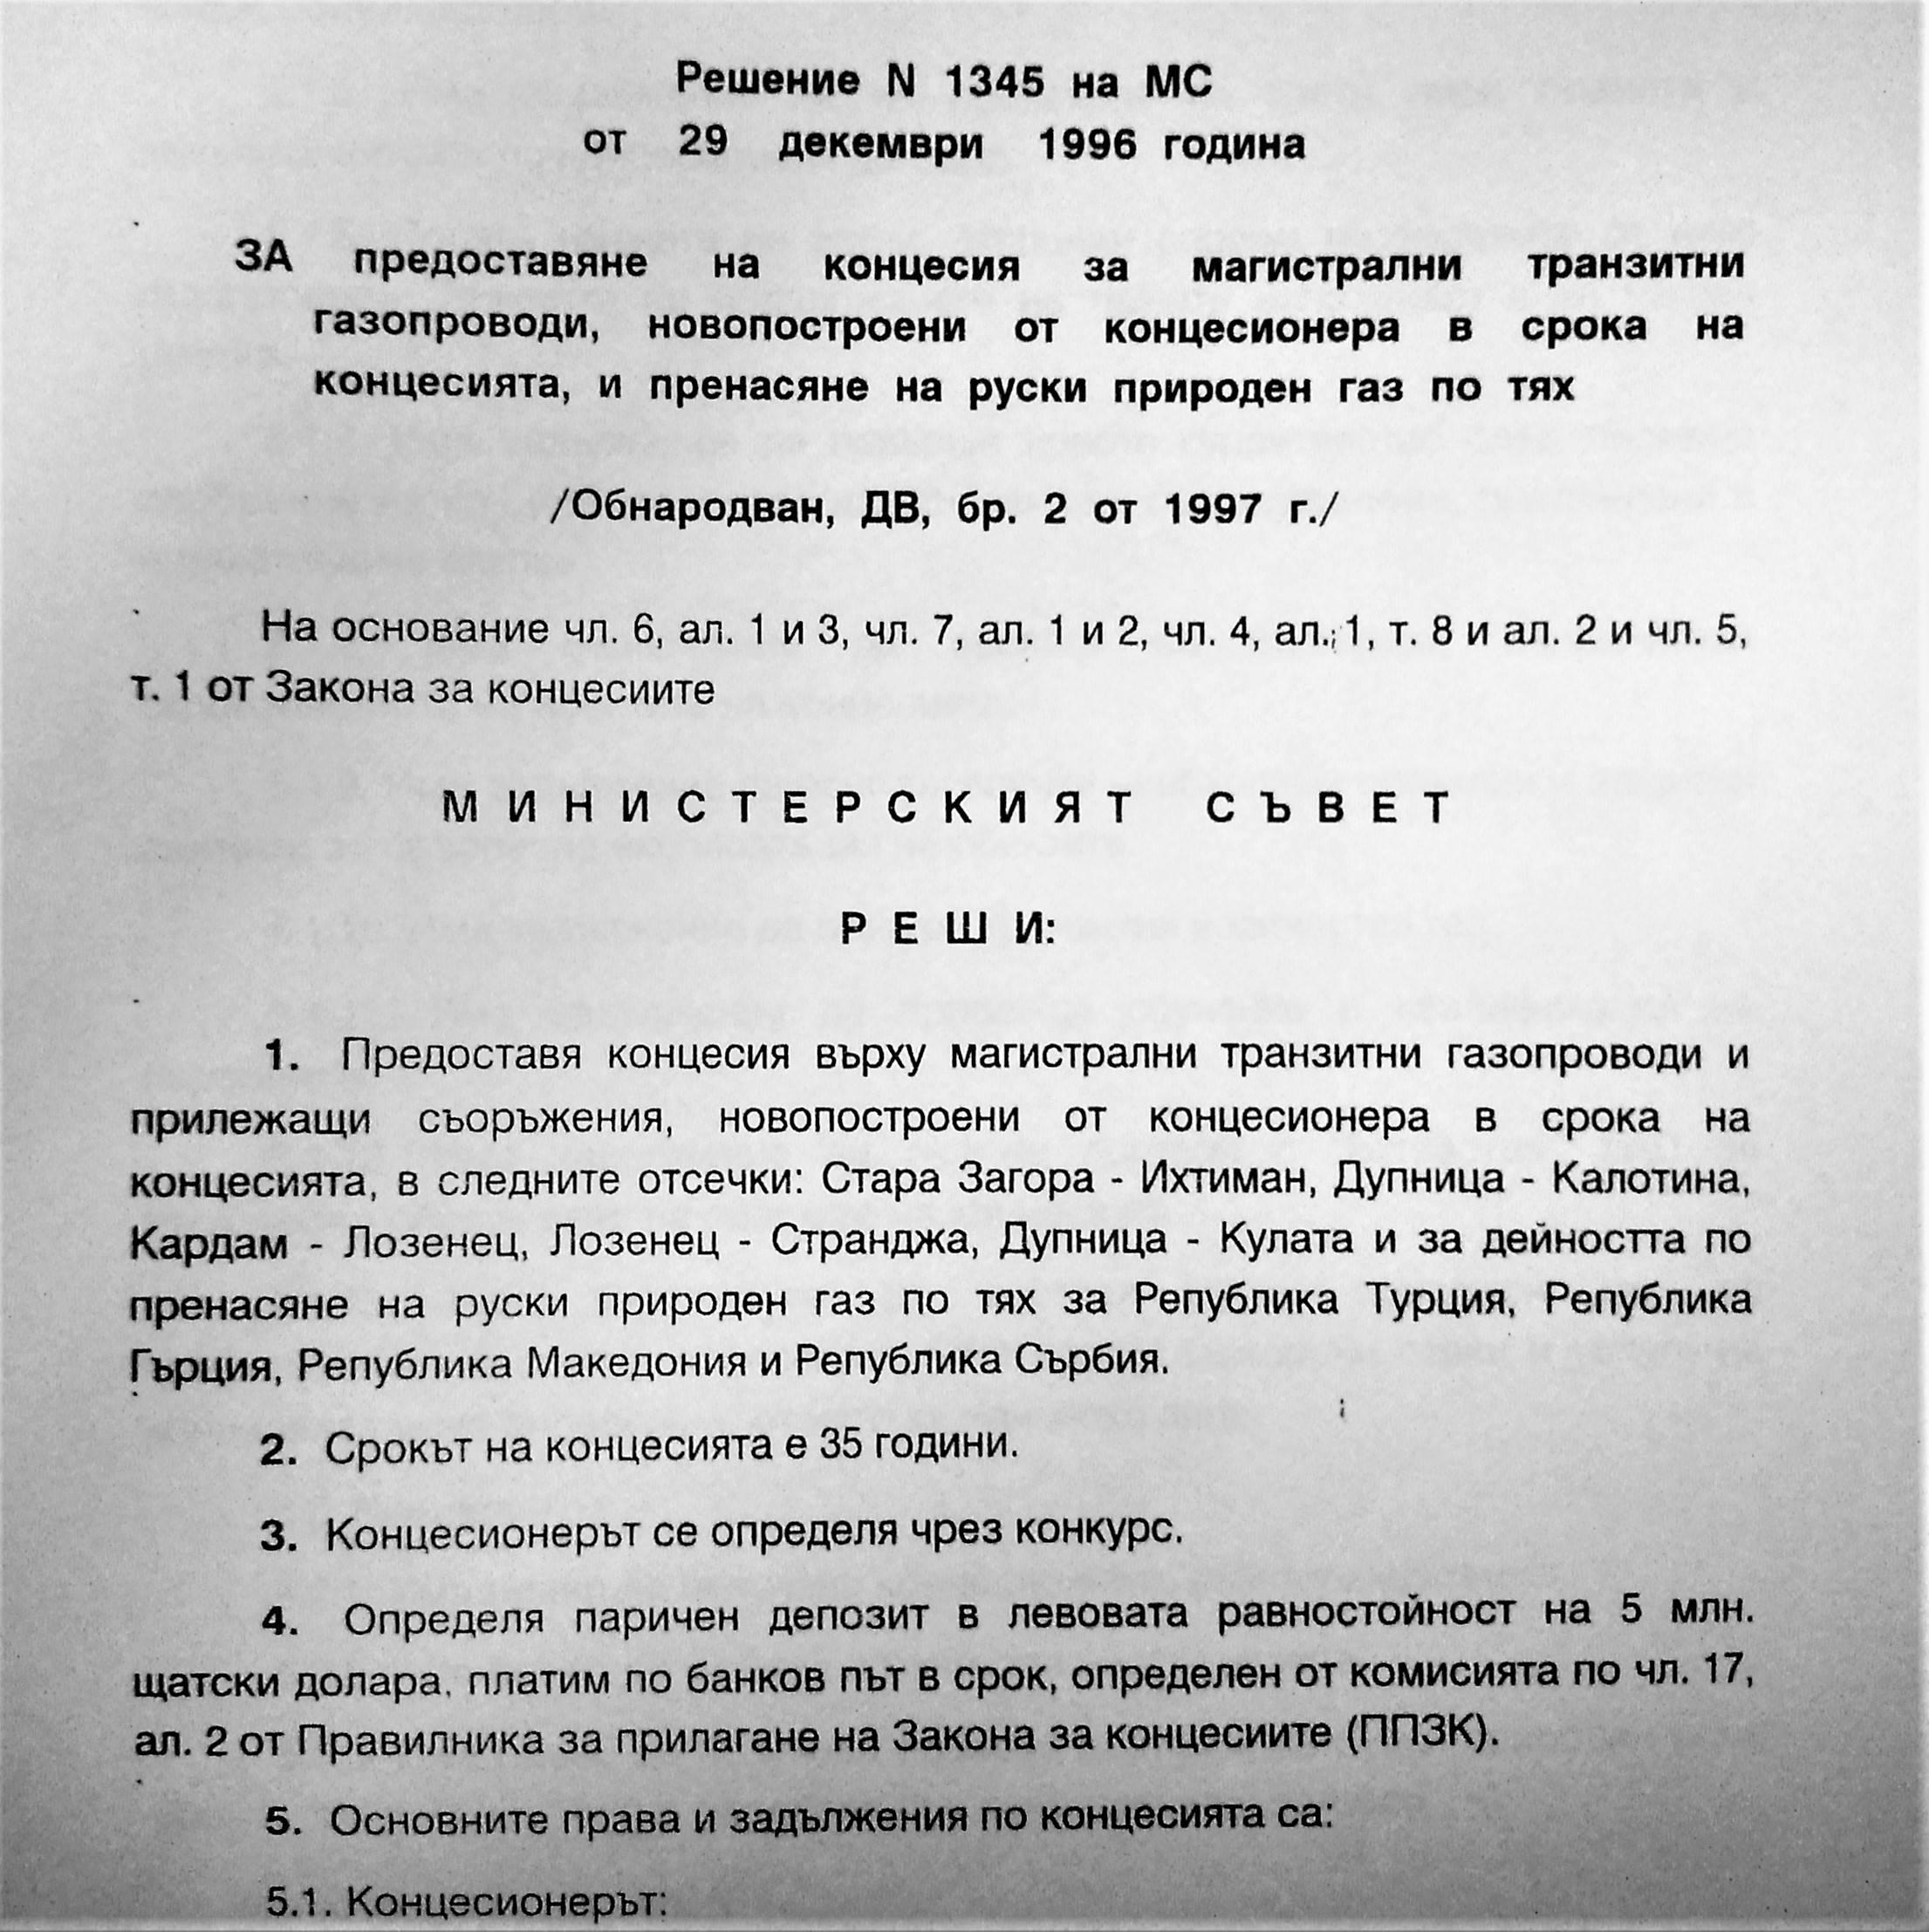 Решение 1345 за отдаване на 35-годишна концесия на новопостроената българска газопреносна система на Русия